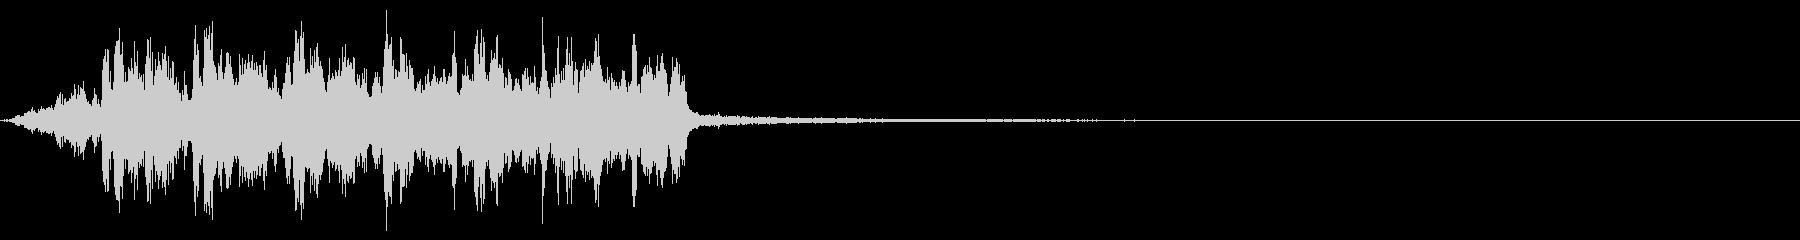 【ホラーゲーム】ビボビボビボ・・・の未再生の波形